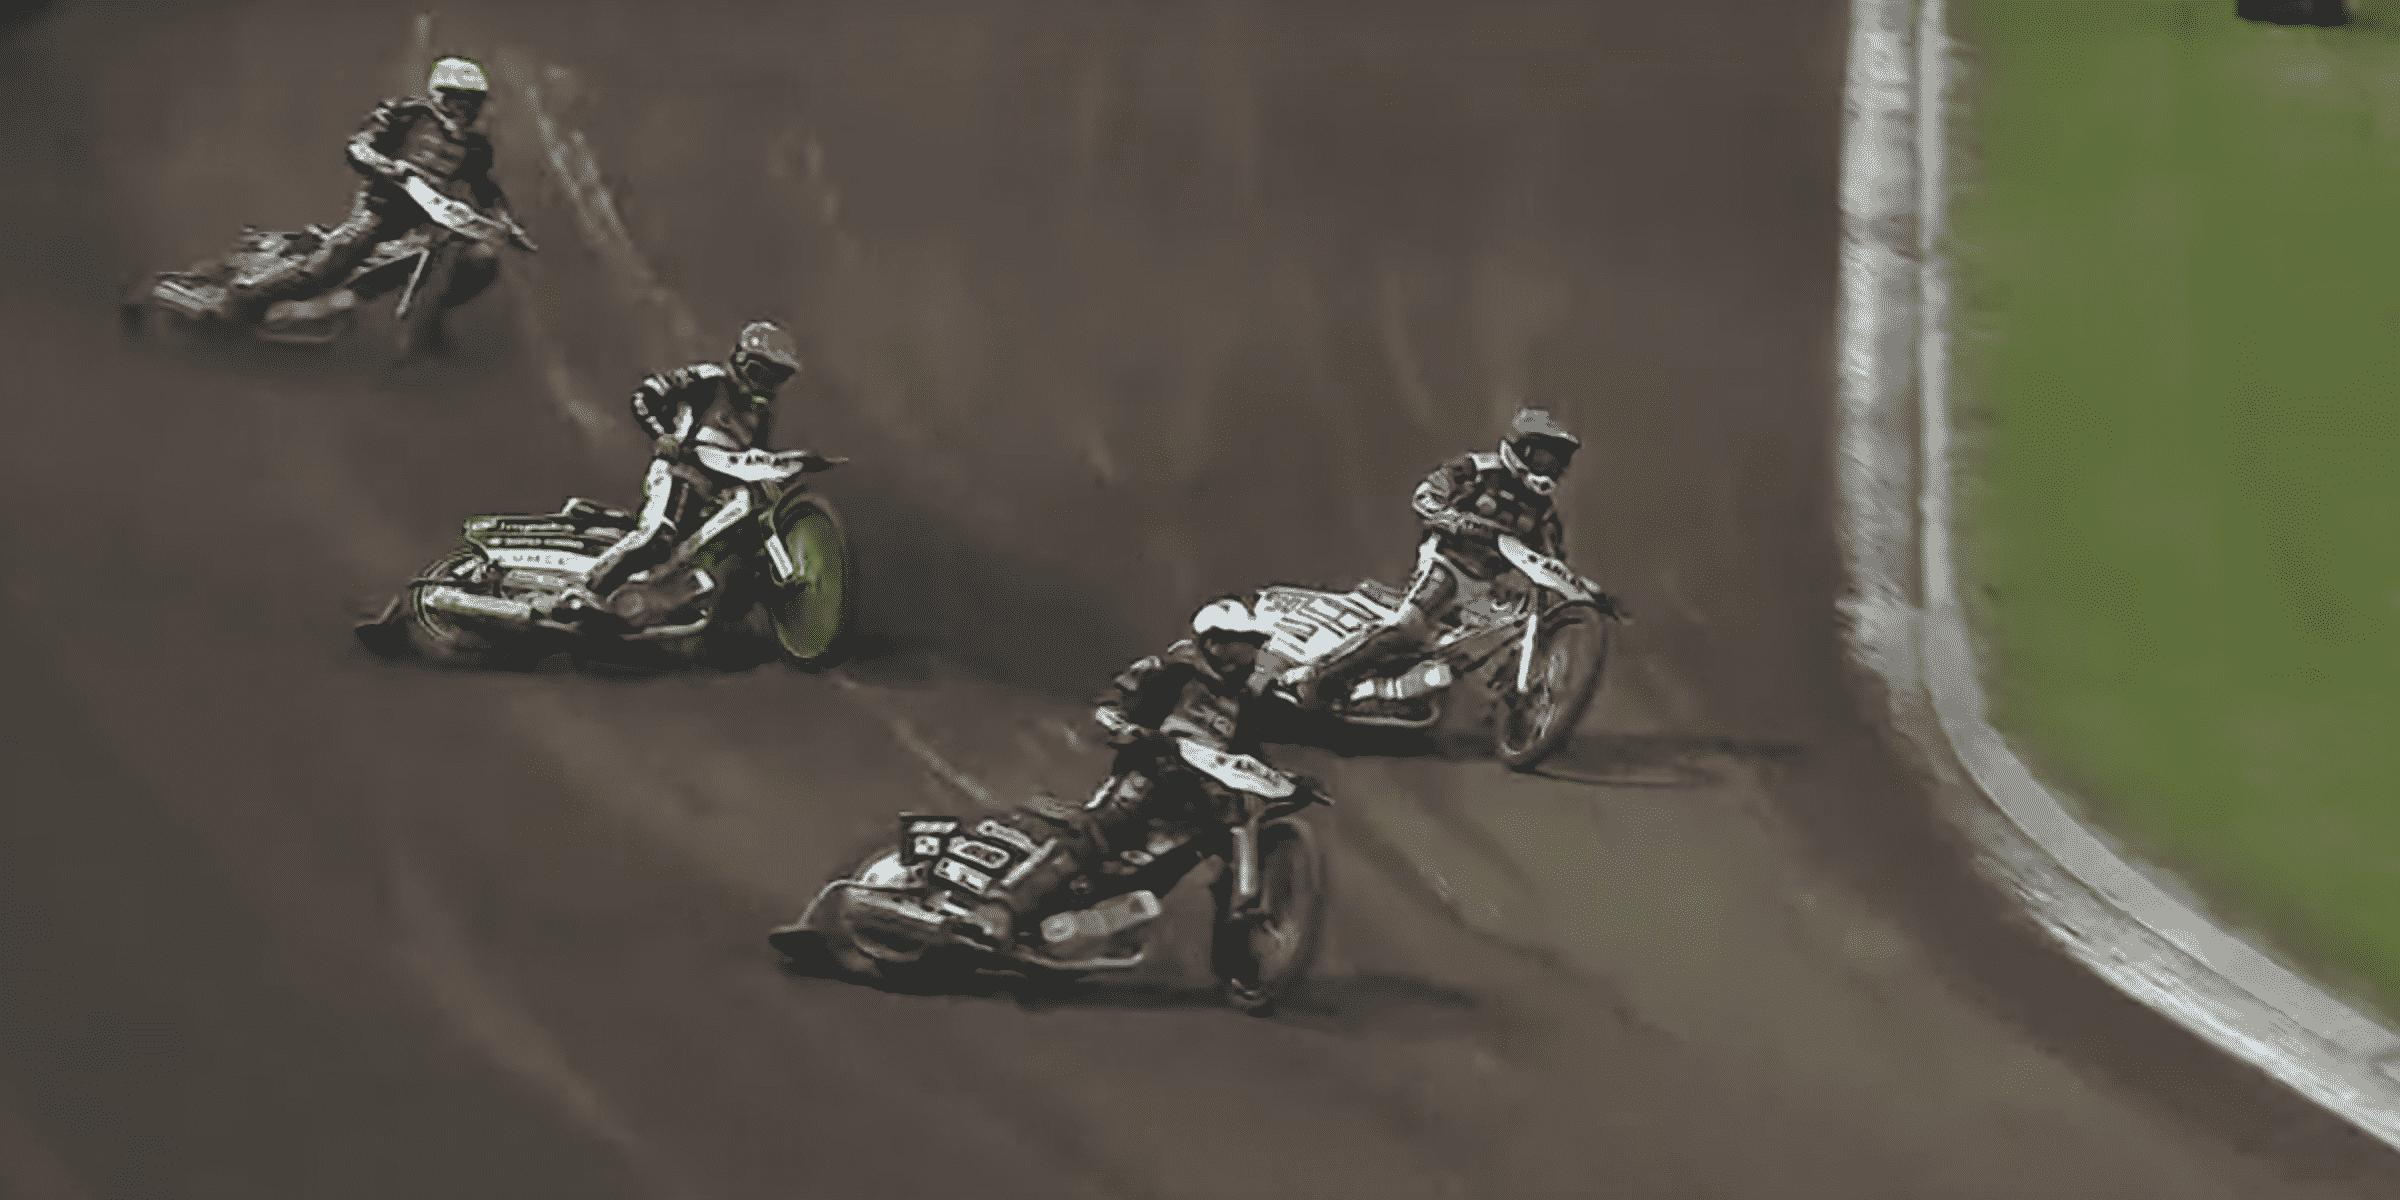 Speedway GP 2019 – odds, förare, deltävlingar, resultat, ställning och mycket mer!